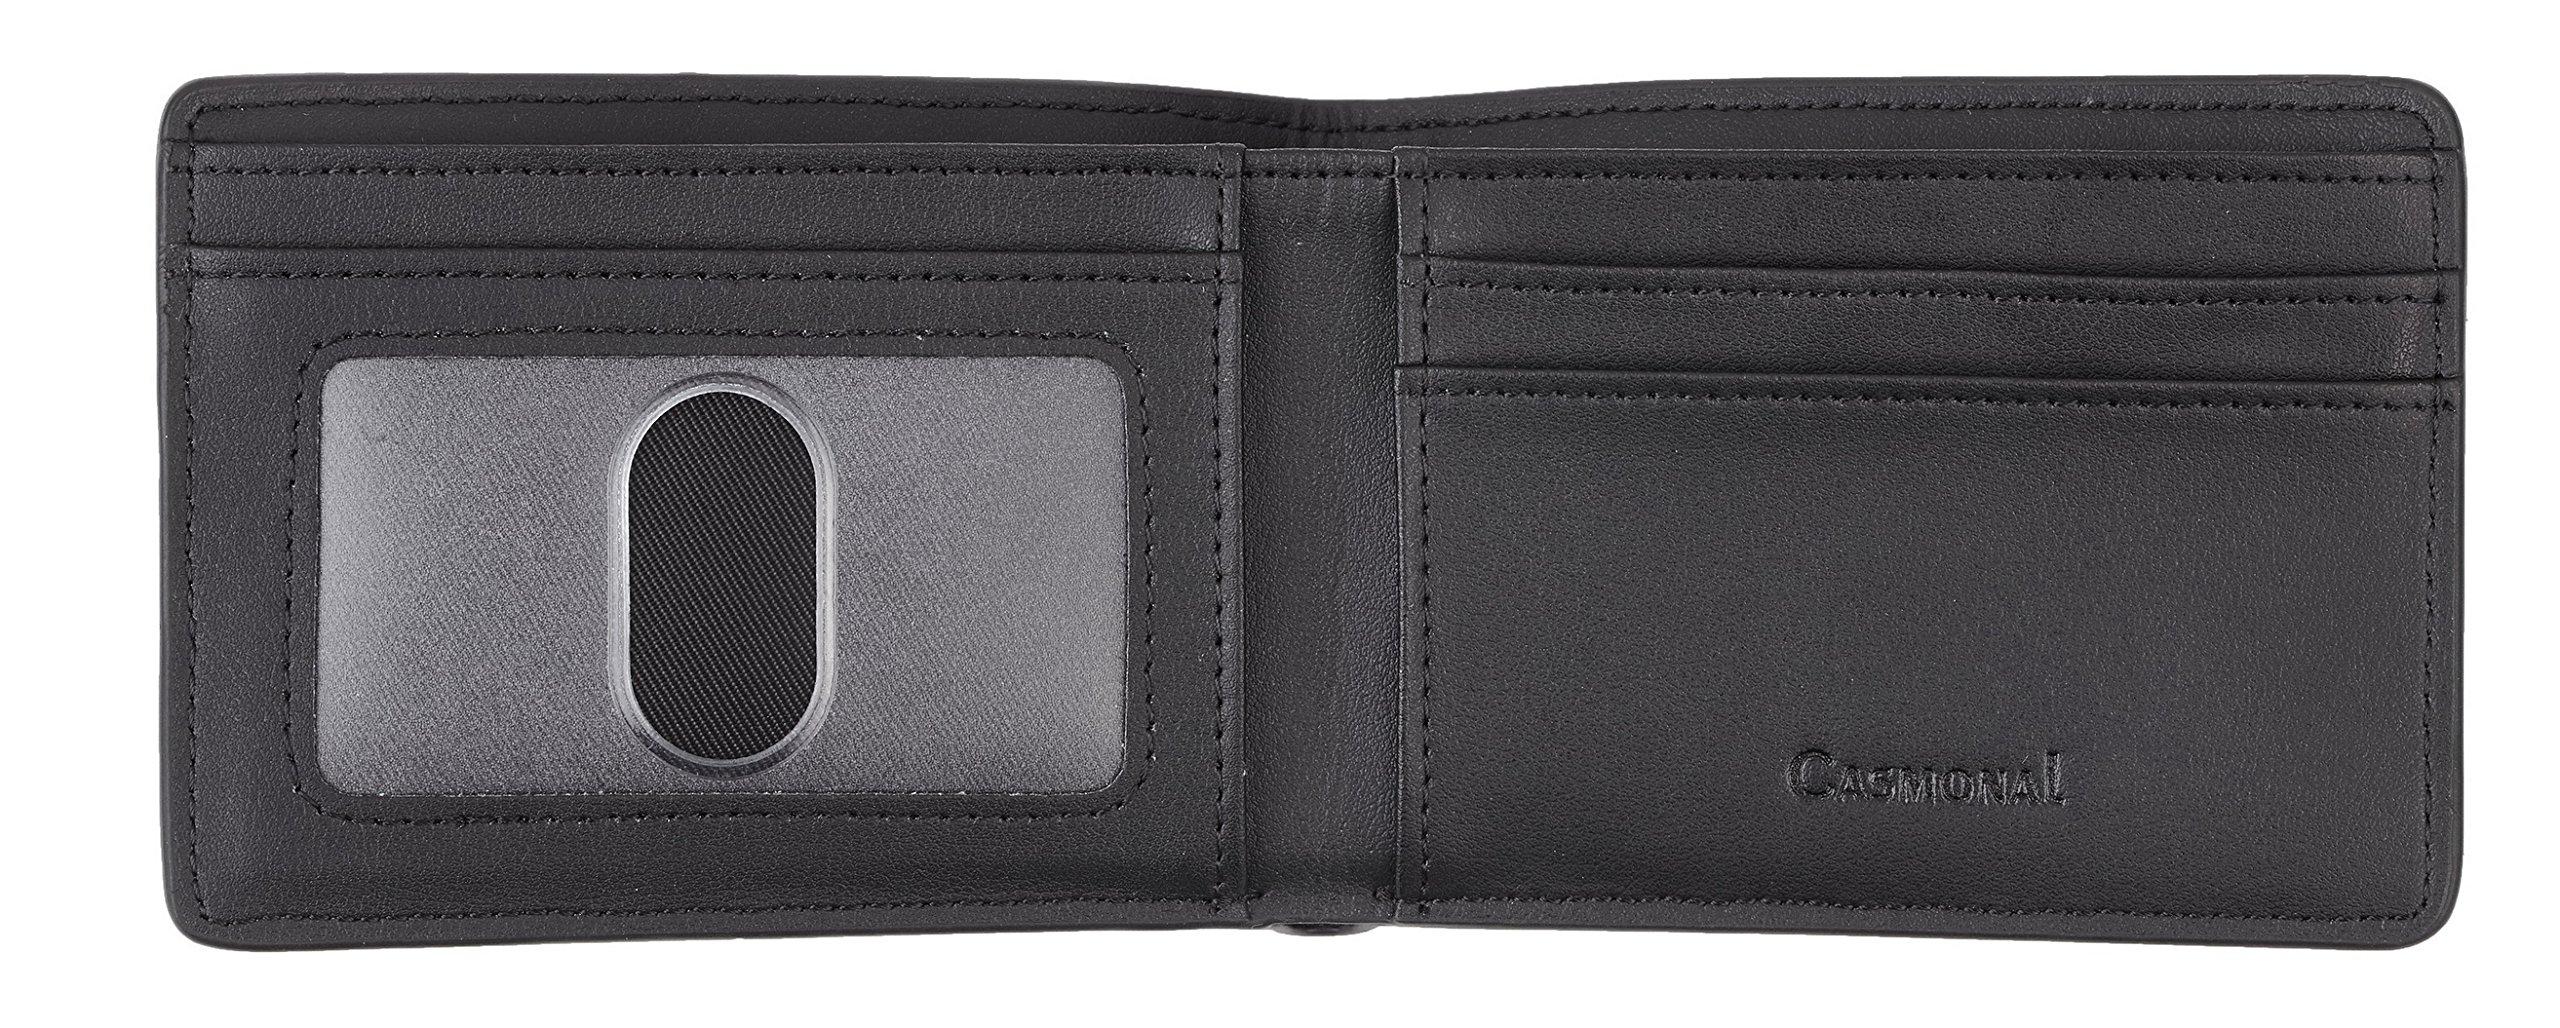 Casmonal Mens Leather Wallet Slim Front Pocket Wallet Billfold RFID Blocking (carbon fiber leather black) by Casmonal (Image #4)